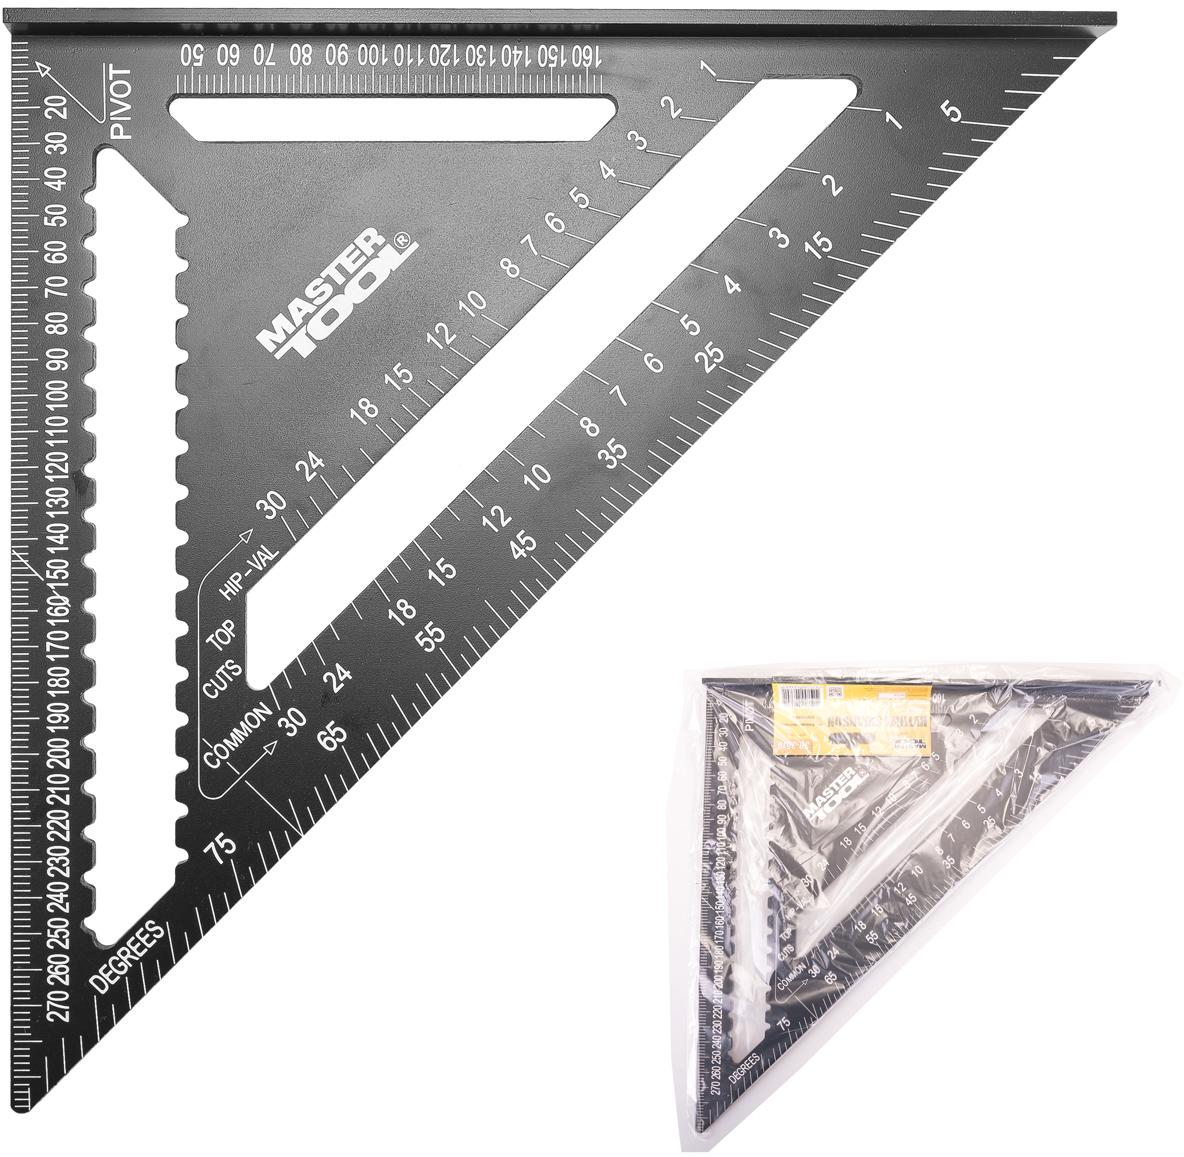 Косинець теслі Mastertool Swanson алюмінієвий 300 мм (30-3519)